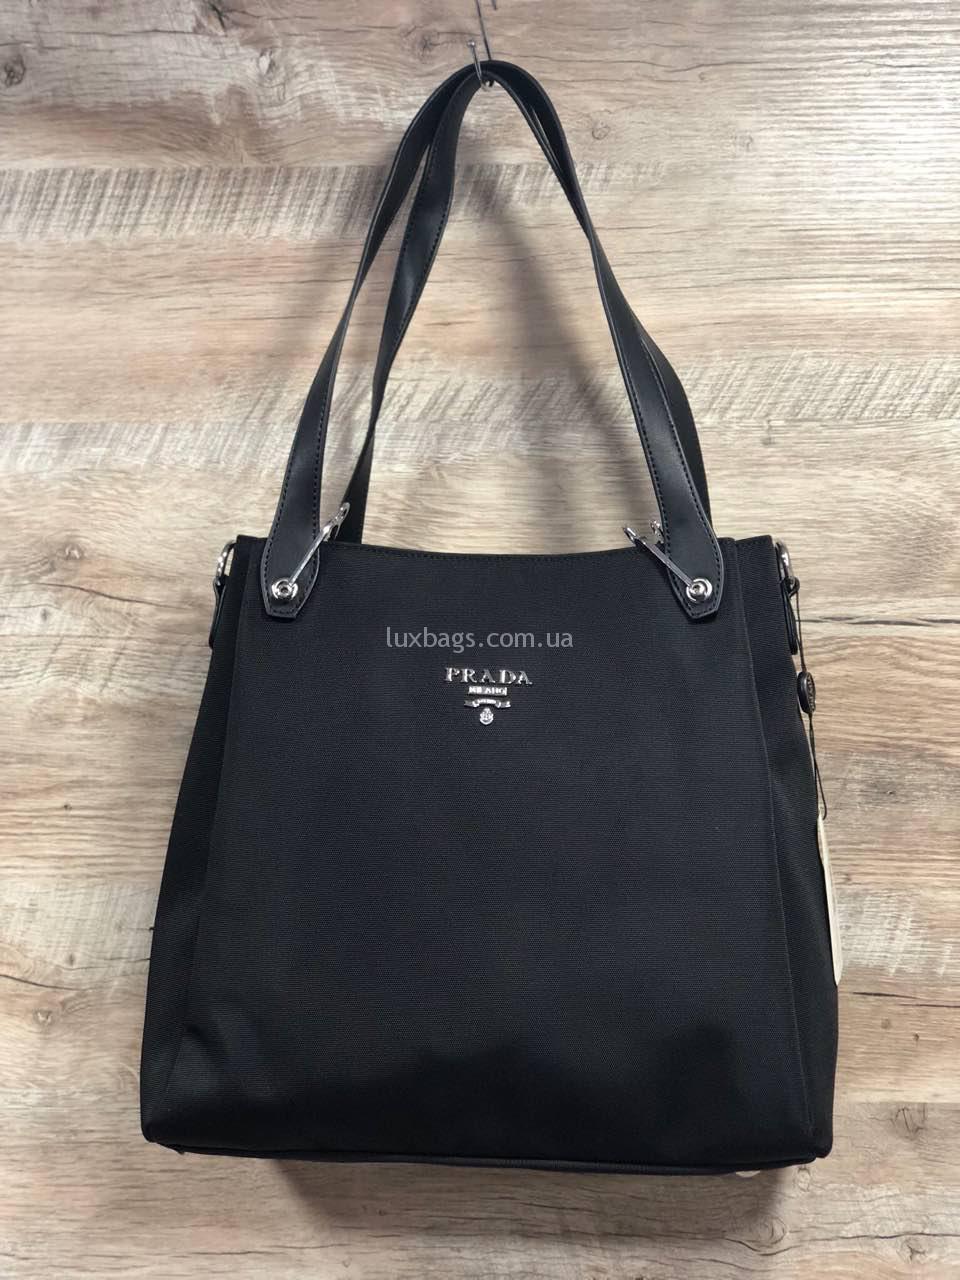 53d83cf83 Женская сумка из плащевка Prada Прада Купить на lux-bags